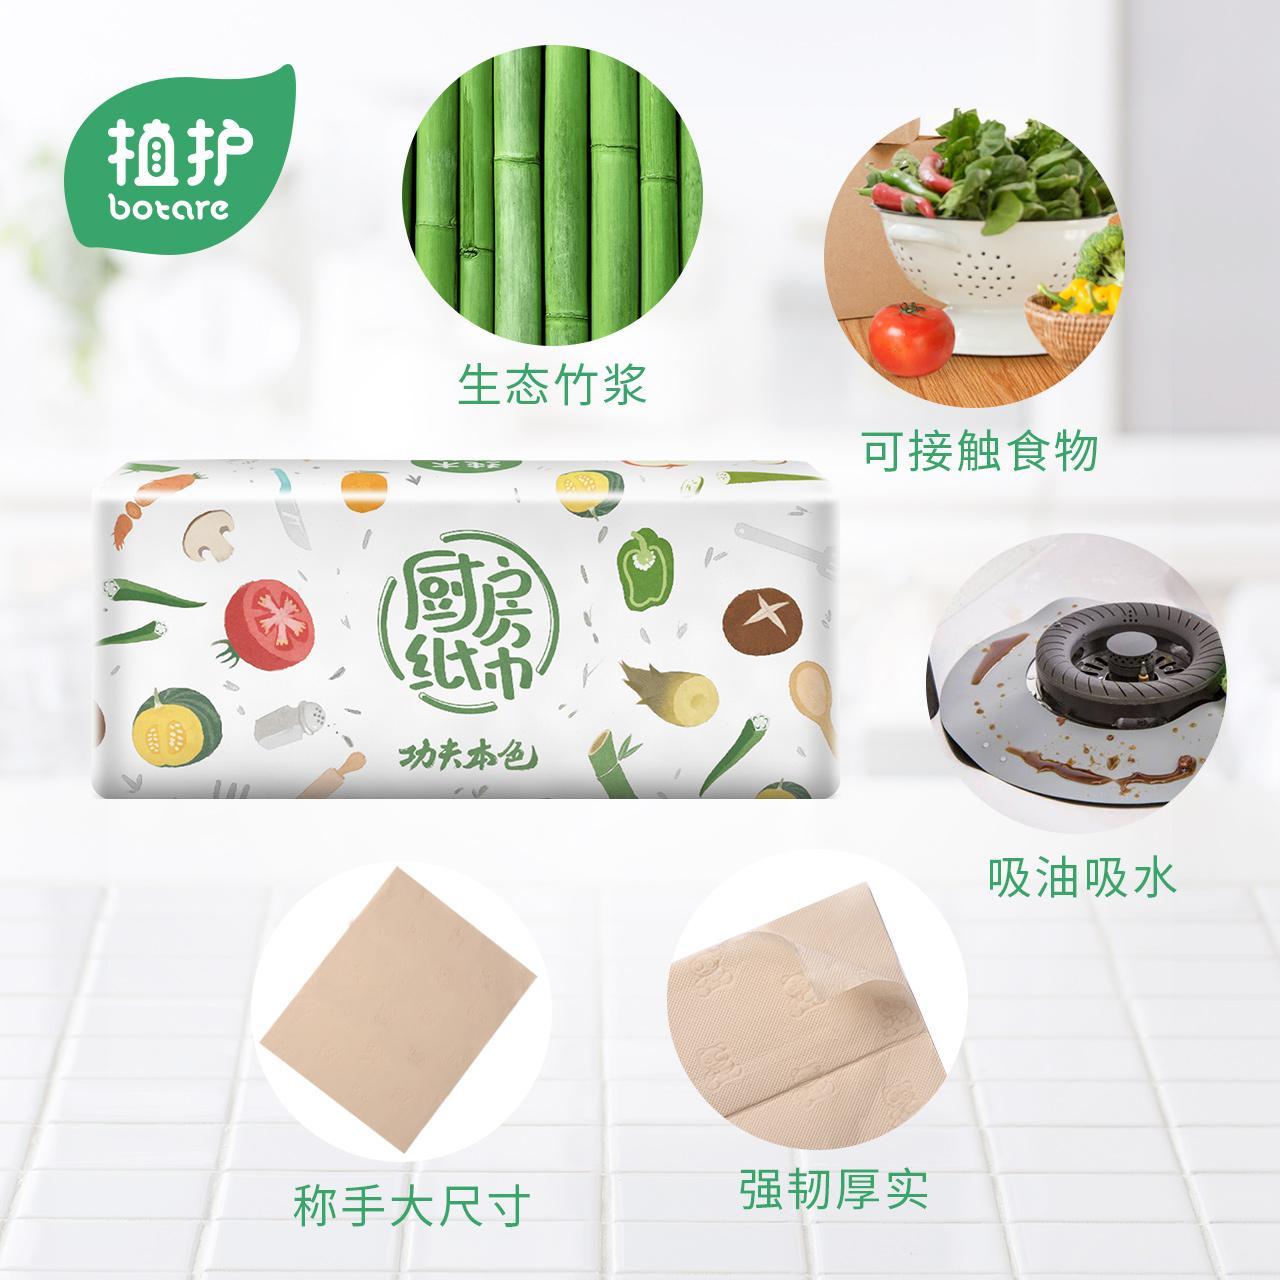 植护厨房用纸吸水吸油纸巾擦油纸专用抽纸抽取式厨用卫生纸实惠装